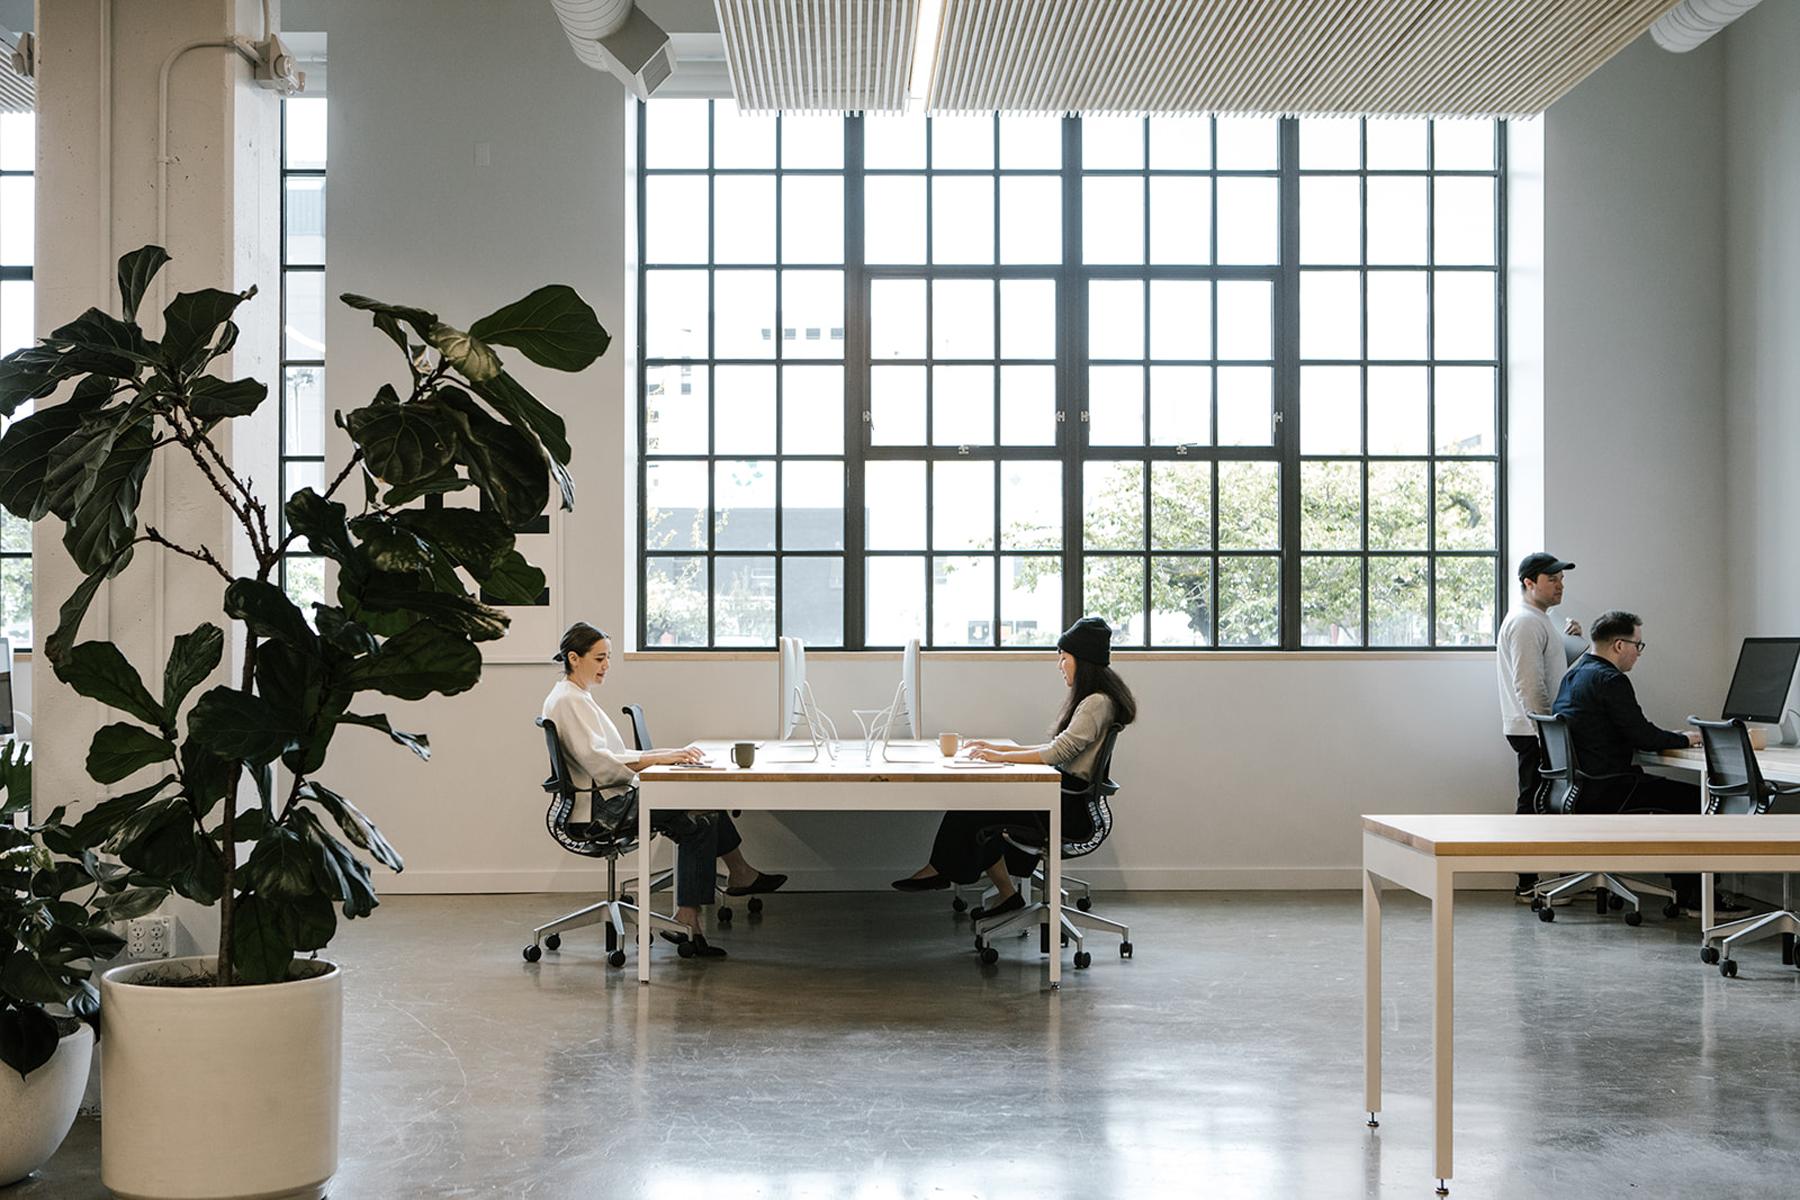 Casework_Work & Co_Open Office_04.jpg